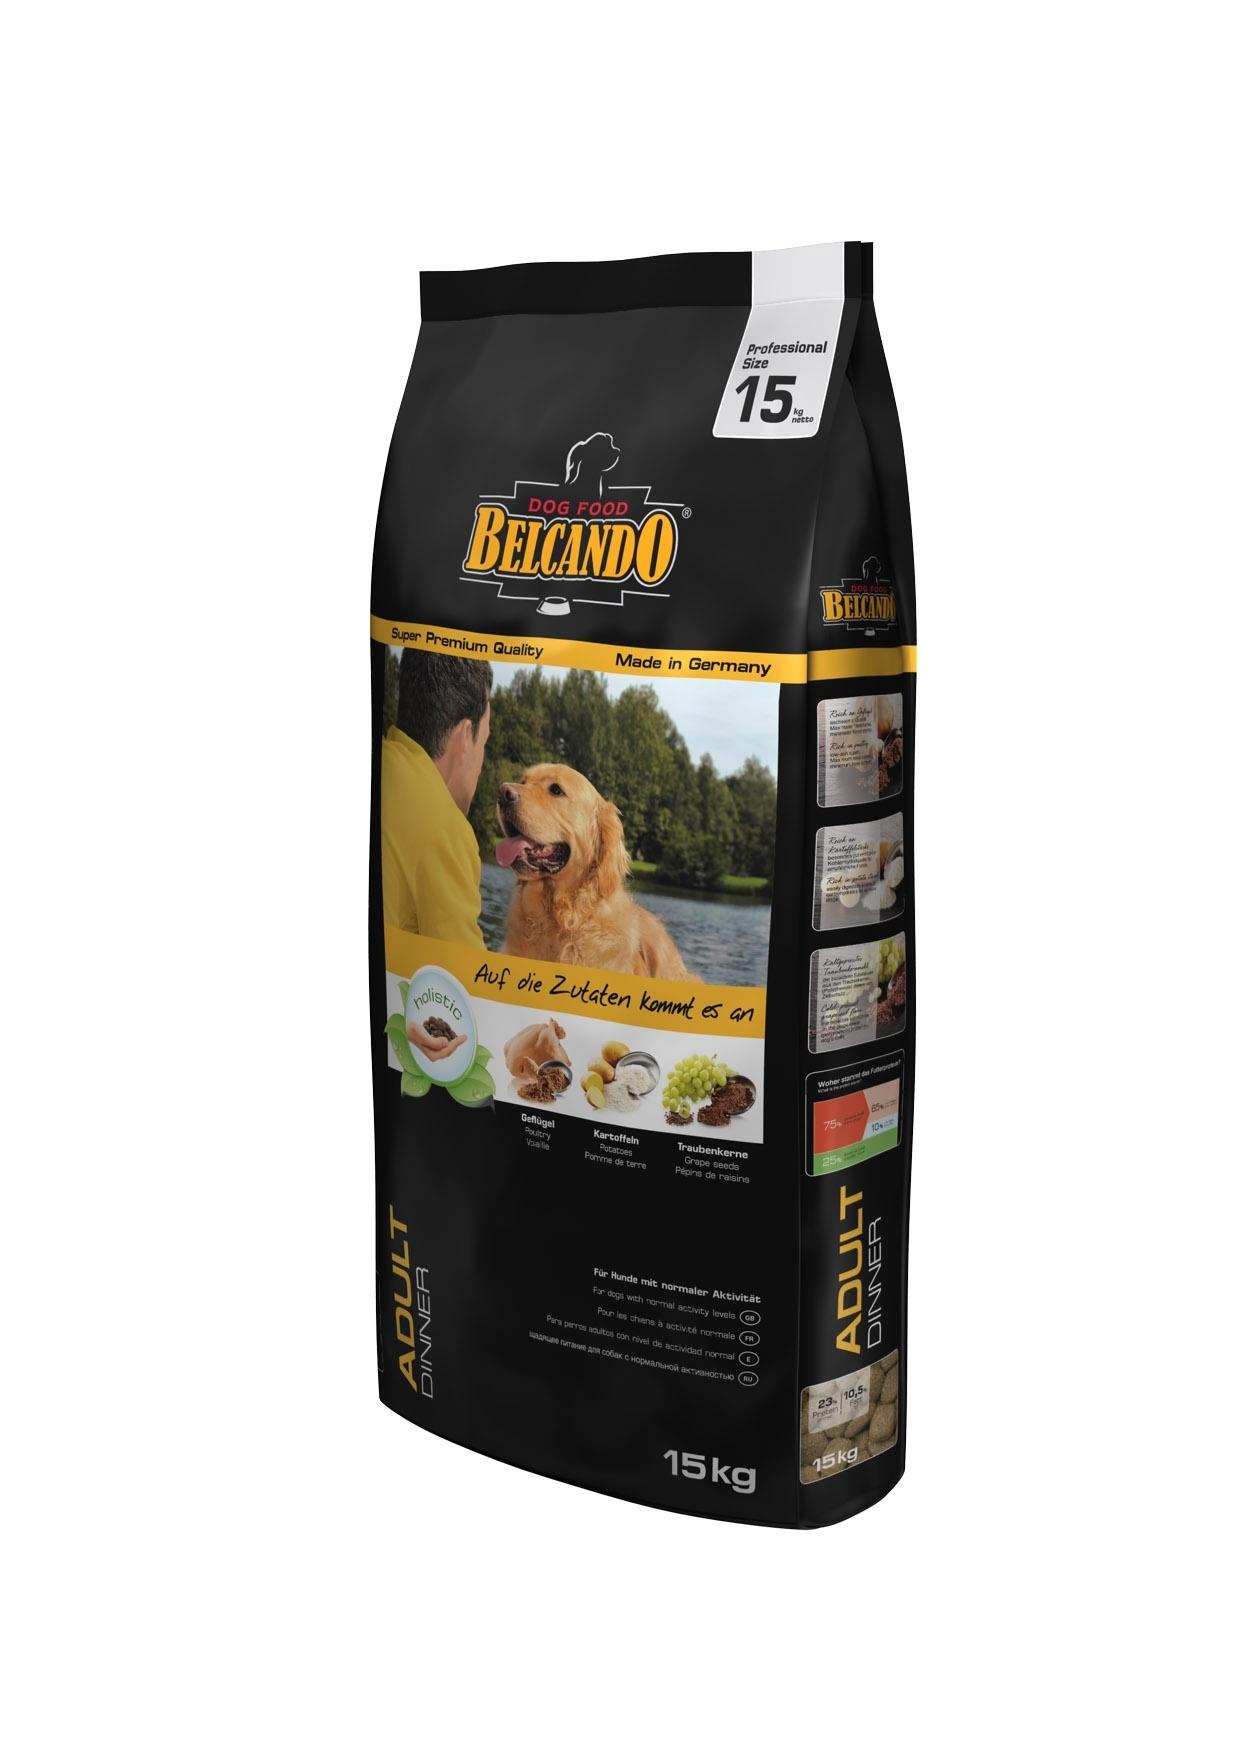 Корм сухой Belcando Adult Diner, для собак с низким и средним уровнем активности, на основе индейки, 15 кг33013Полноценное ежедневное питание для собак со средним уровнем активности. Корм Belcando Adult Diner идеально подойдет для собак средних и крупных пород, которые ведут активный образ жизни, но при этом не испытывают сильных ежедневных физических нагрузок и не нуждаются в повышенном потреблении калорий. Корм помогает сохранять хорошую физическую форму вашего питомца, поставляя в его организм все необходимые питательные вещества, но не позволяя ему полнеть. Состав: сухое мясо птицы пониженной зольности (23,5%); кукуруза; рис; картофельный крахмал (14%); мука сельди (3%); сухой жом; цареградский стручок крупного помола; вытяжка из виноградной косточки (2,5%); пивные дрожжи; жир домашней птицы; рафинированное растительное масло; семена чии; гидролизат печени птицы; дикальций фосфат; поваренная соль; калий хлористый; травы (всего 0,2%: листья крапивы, корень горечавки, золототысячник, ромашка, фенхель, тмин, омела, тысячелистник, листья ежевики); экстракт юкки. ...